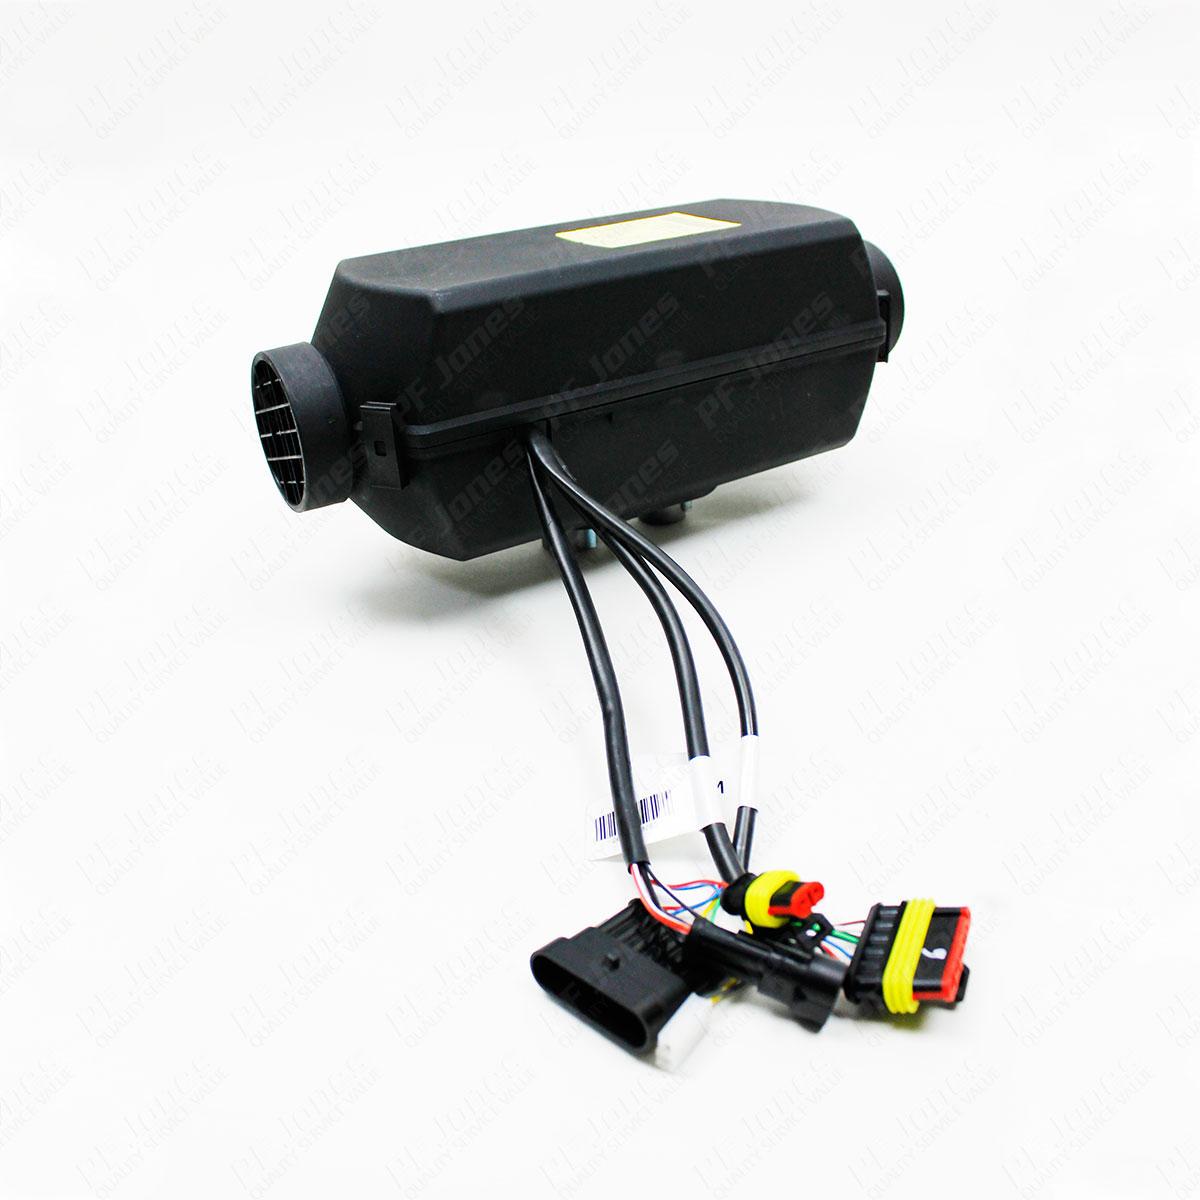 Planar Marine 2D Air Heater - 2kW/ 12V - Large - 4 Outlet Kit